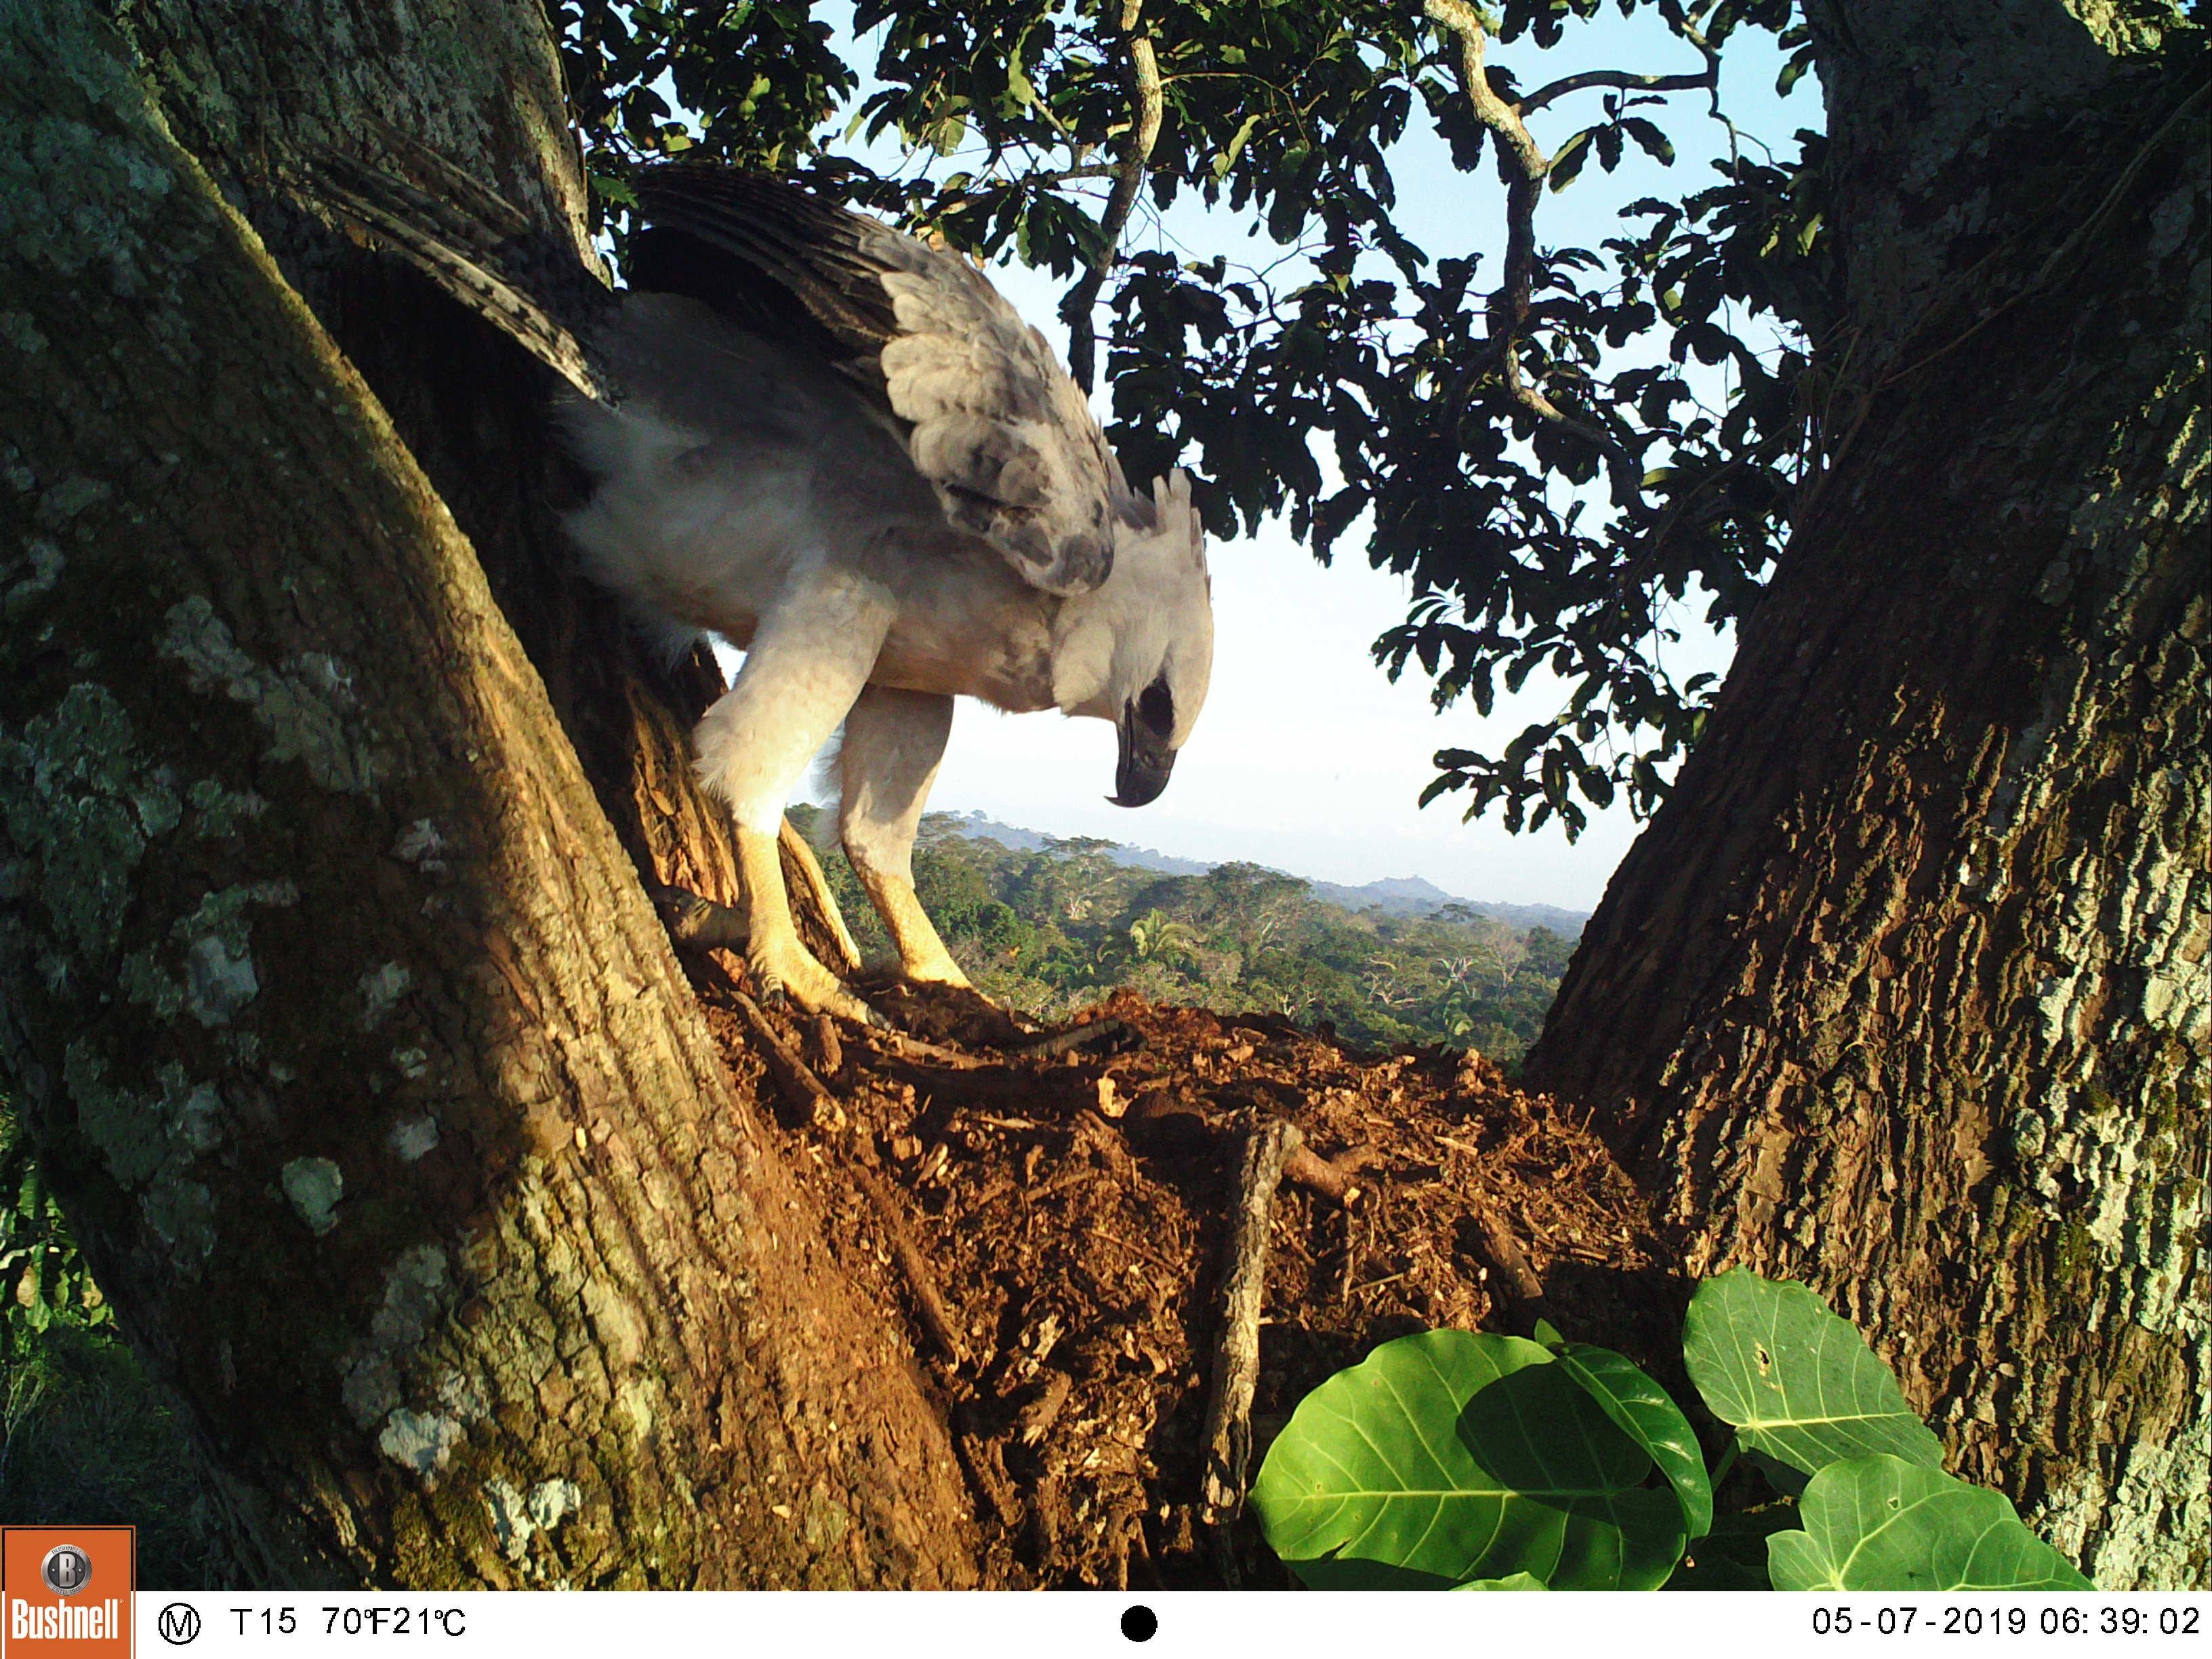 181 harpias mortas, maioria por 'curiosidade': dado bizarro levou pesquisador a apostar no turismo para salvar a maior ave de rapina do Brasil